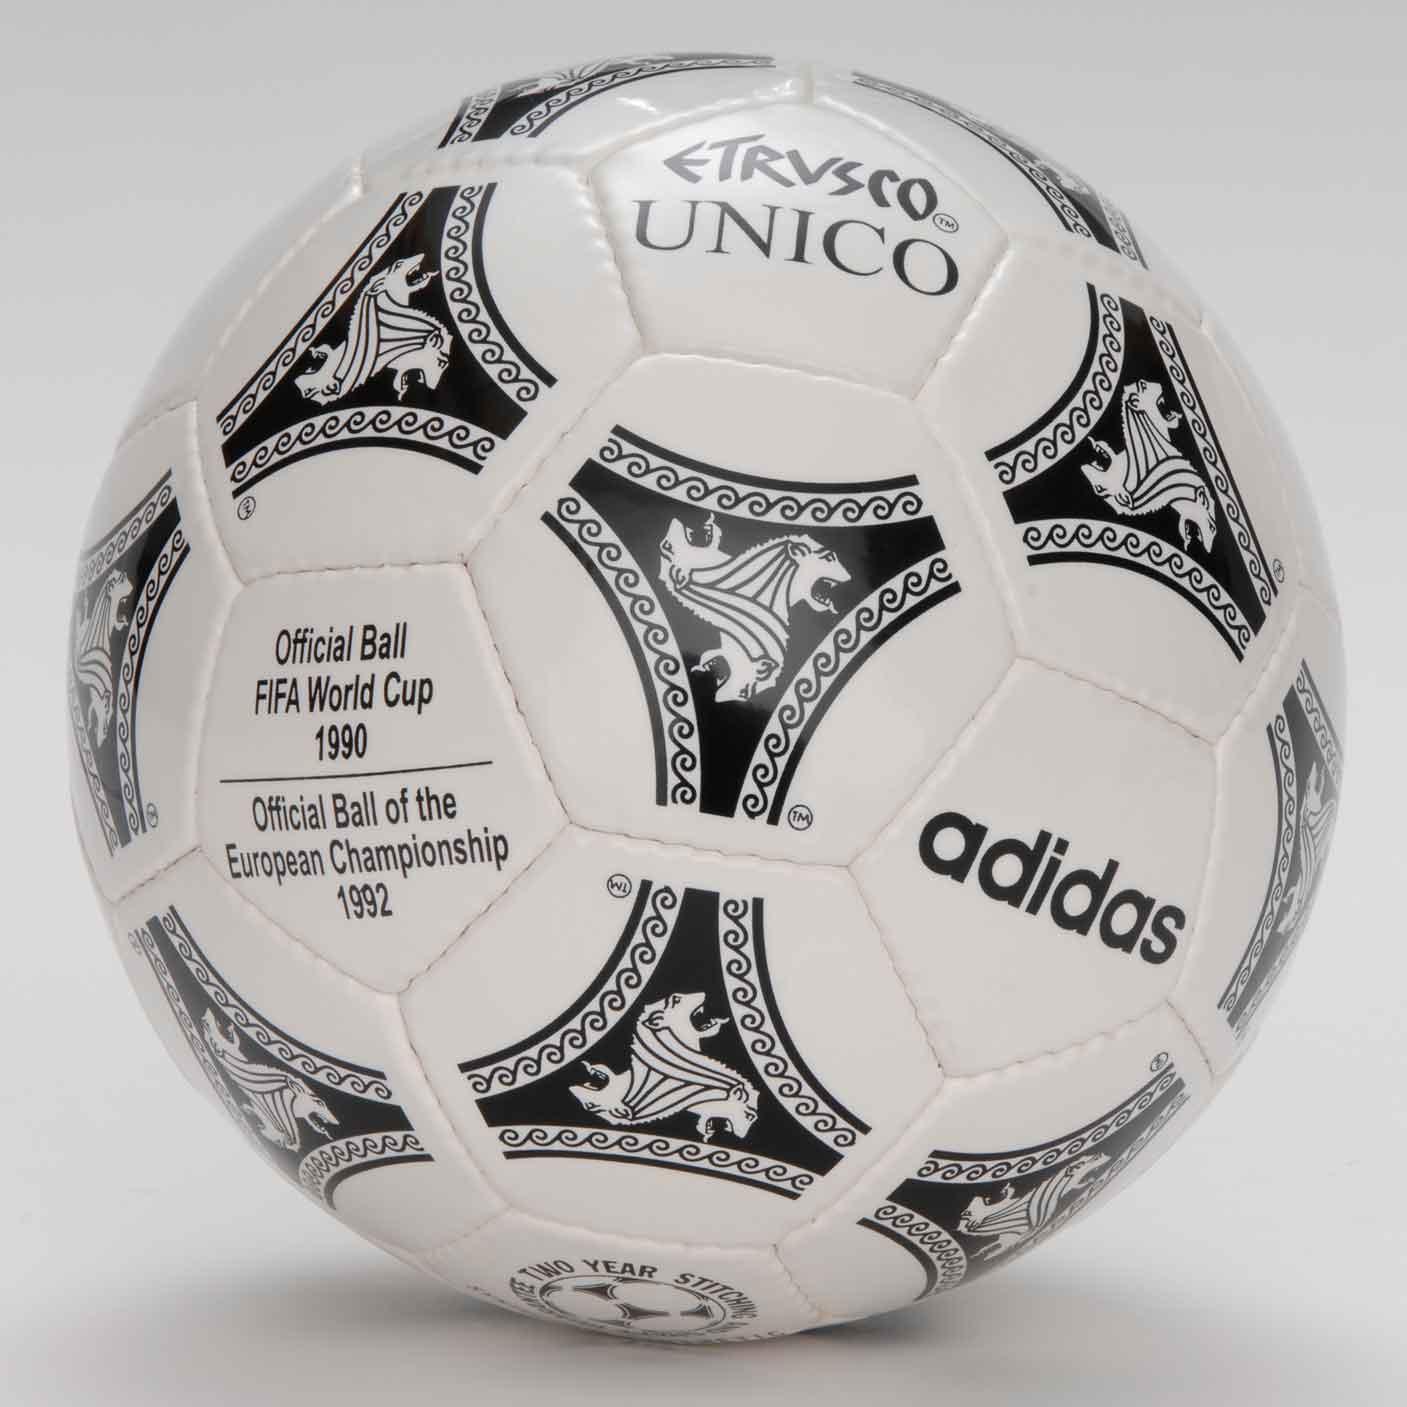 Мячом финала Кубка УЕФА 1994 был Etrusco Unico